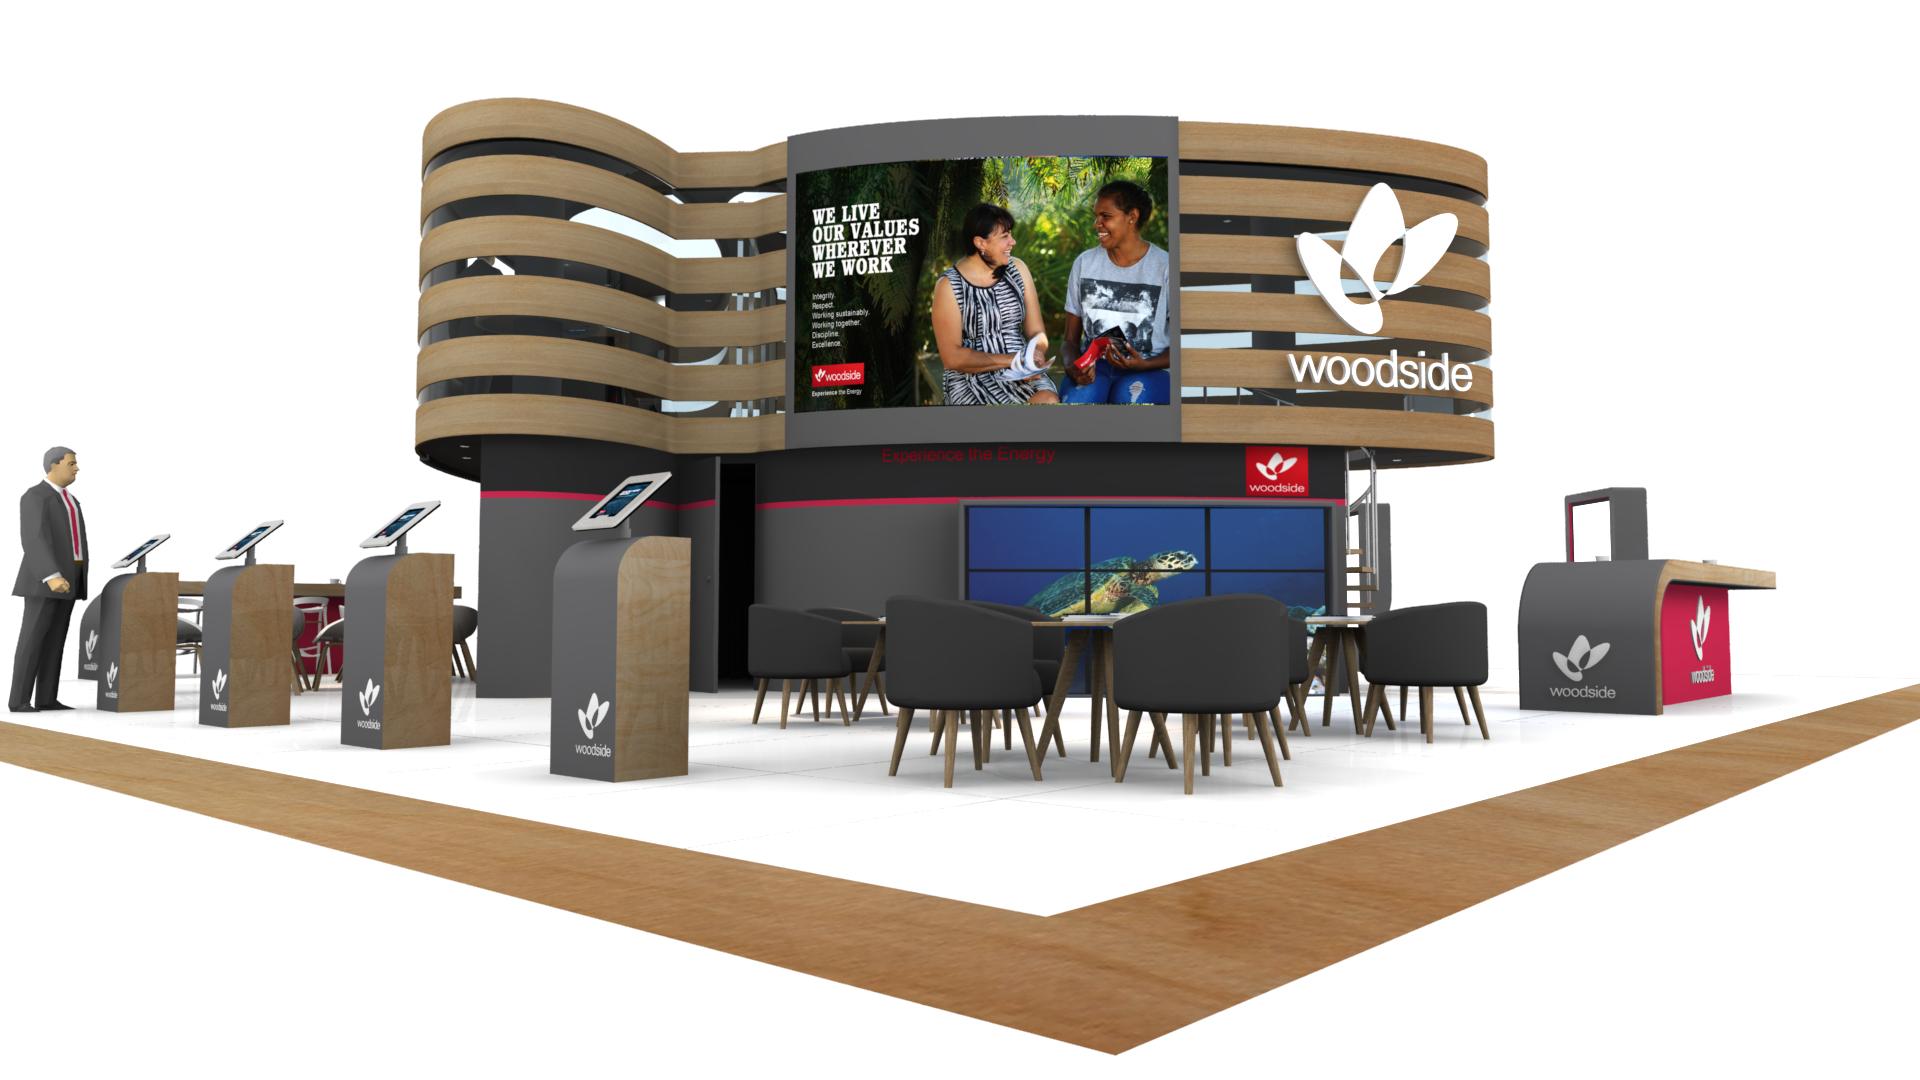 Woodside Concept render